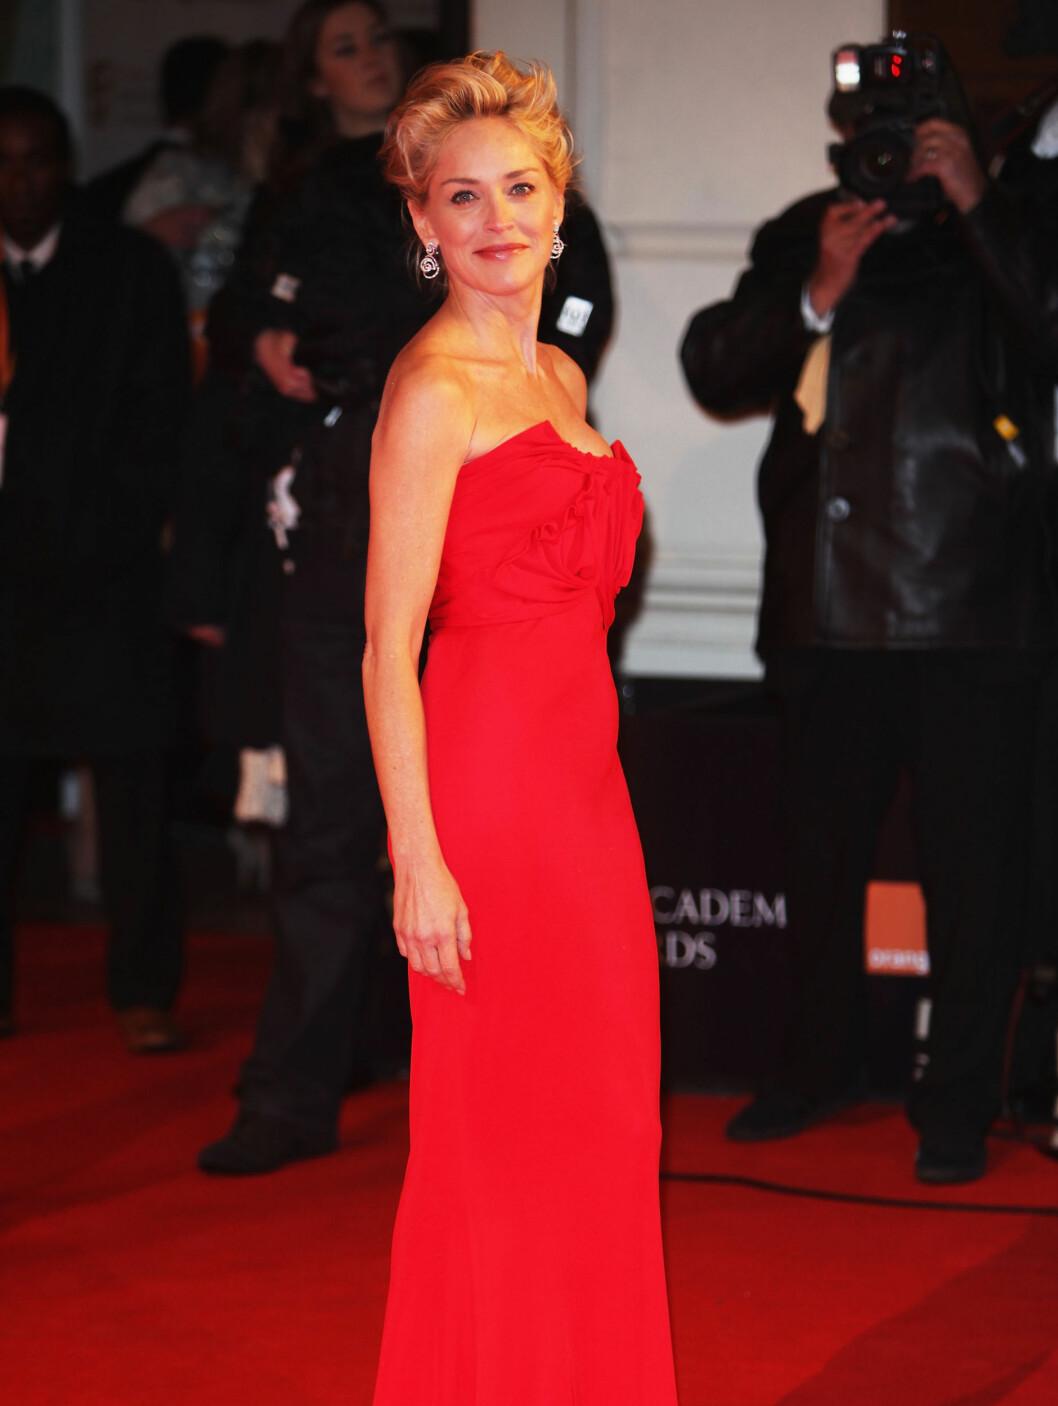 LADY IN RED:  Sharon Stone strålte i rød Galliano-kjole på den røde løperen. Foto: All Over Press